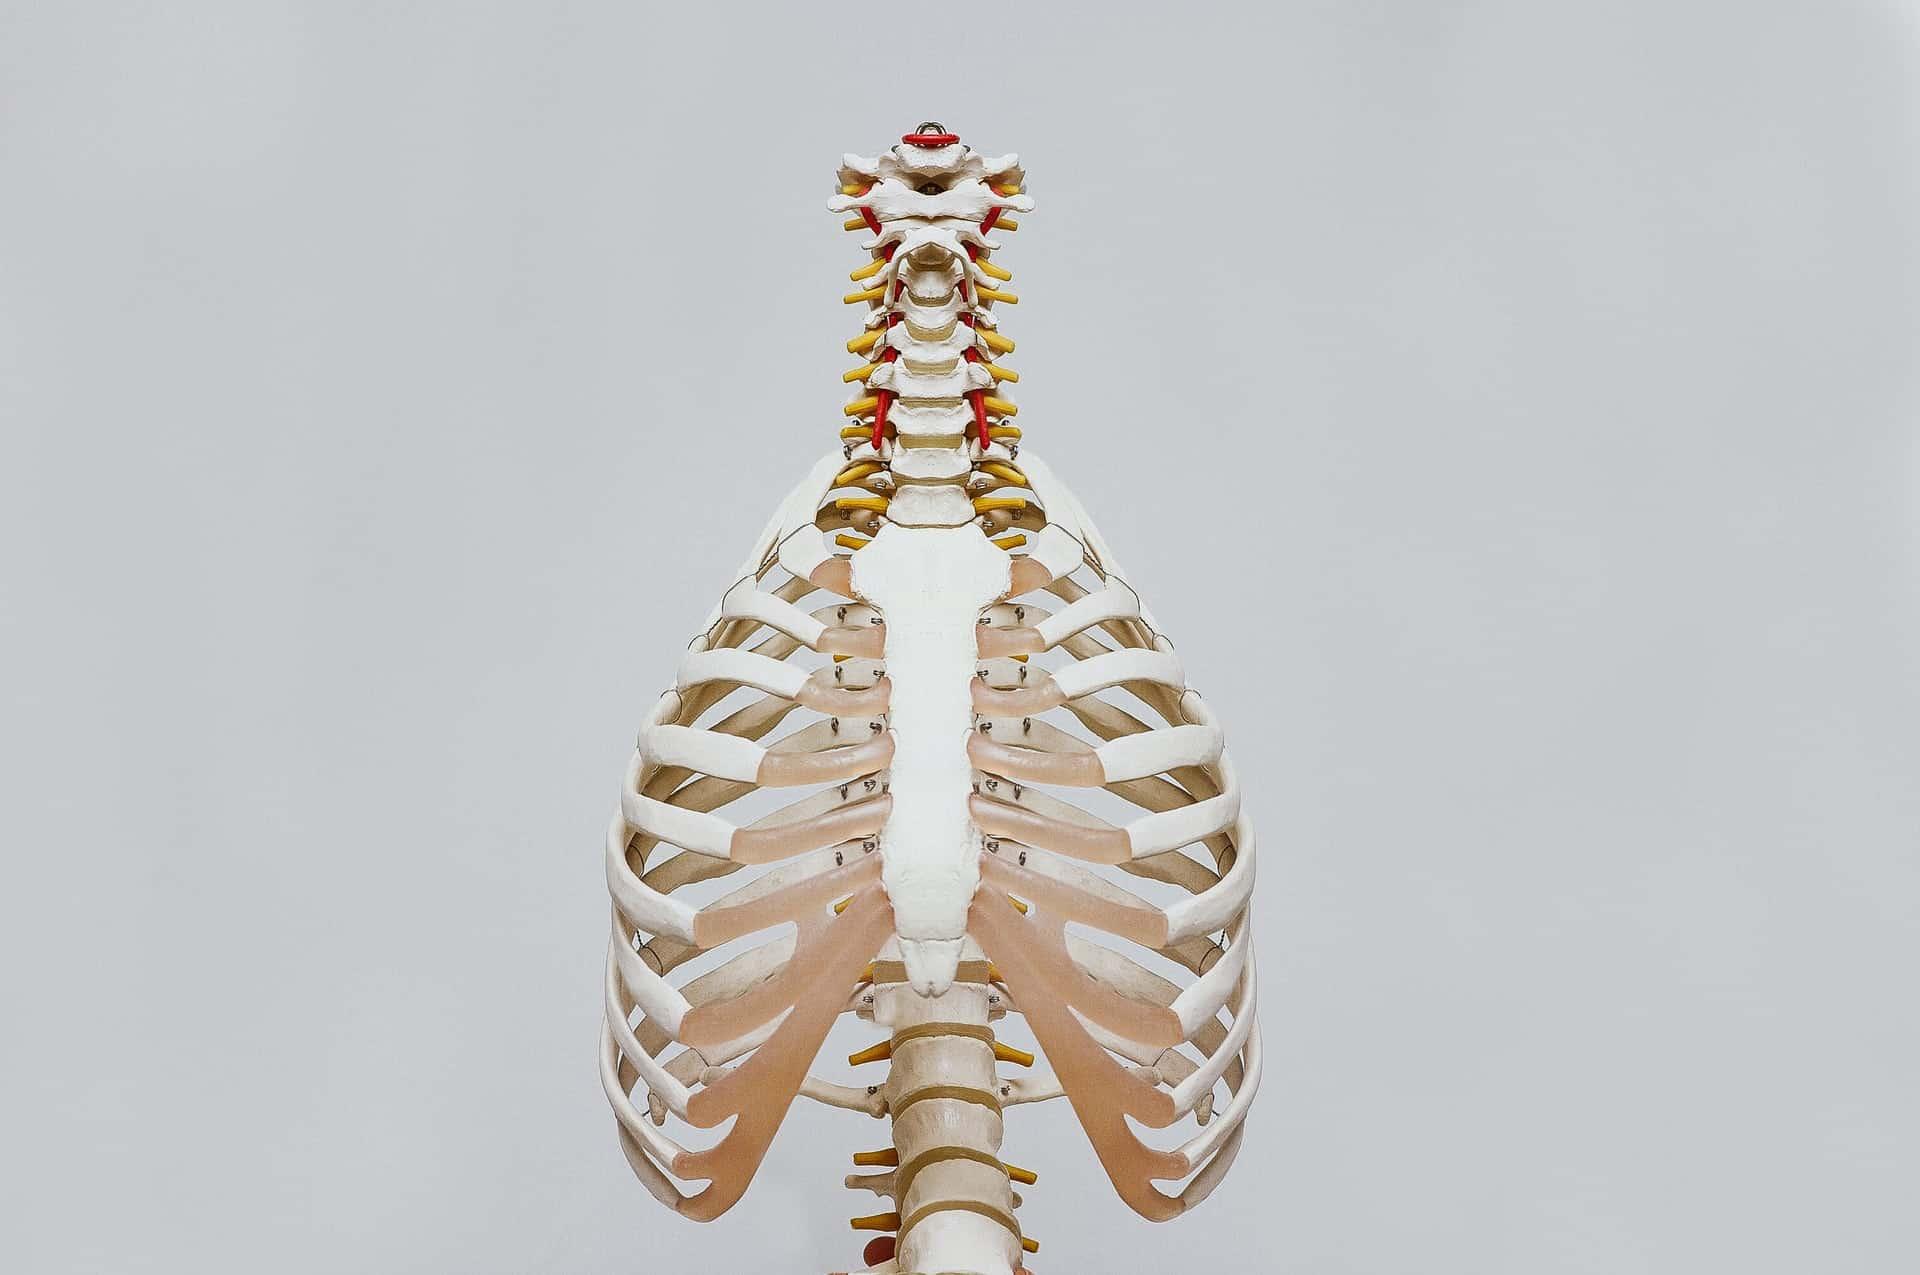 COPD - YCDSCC